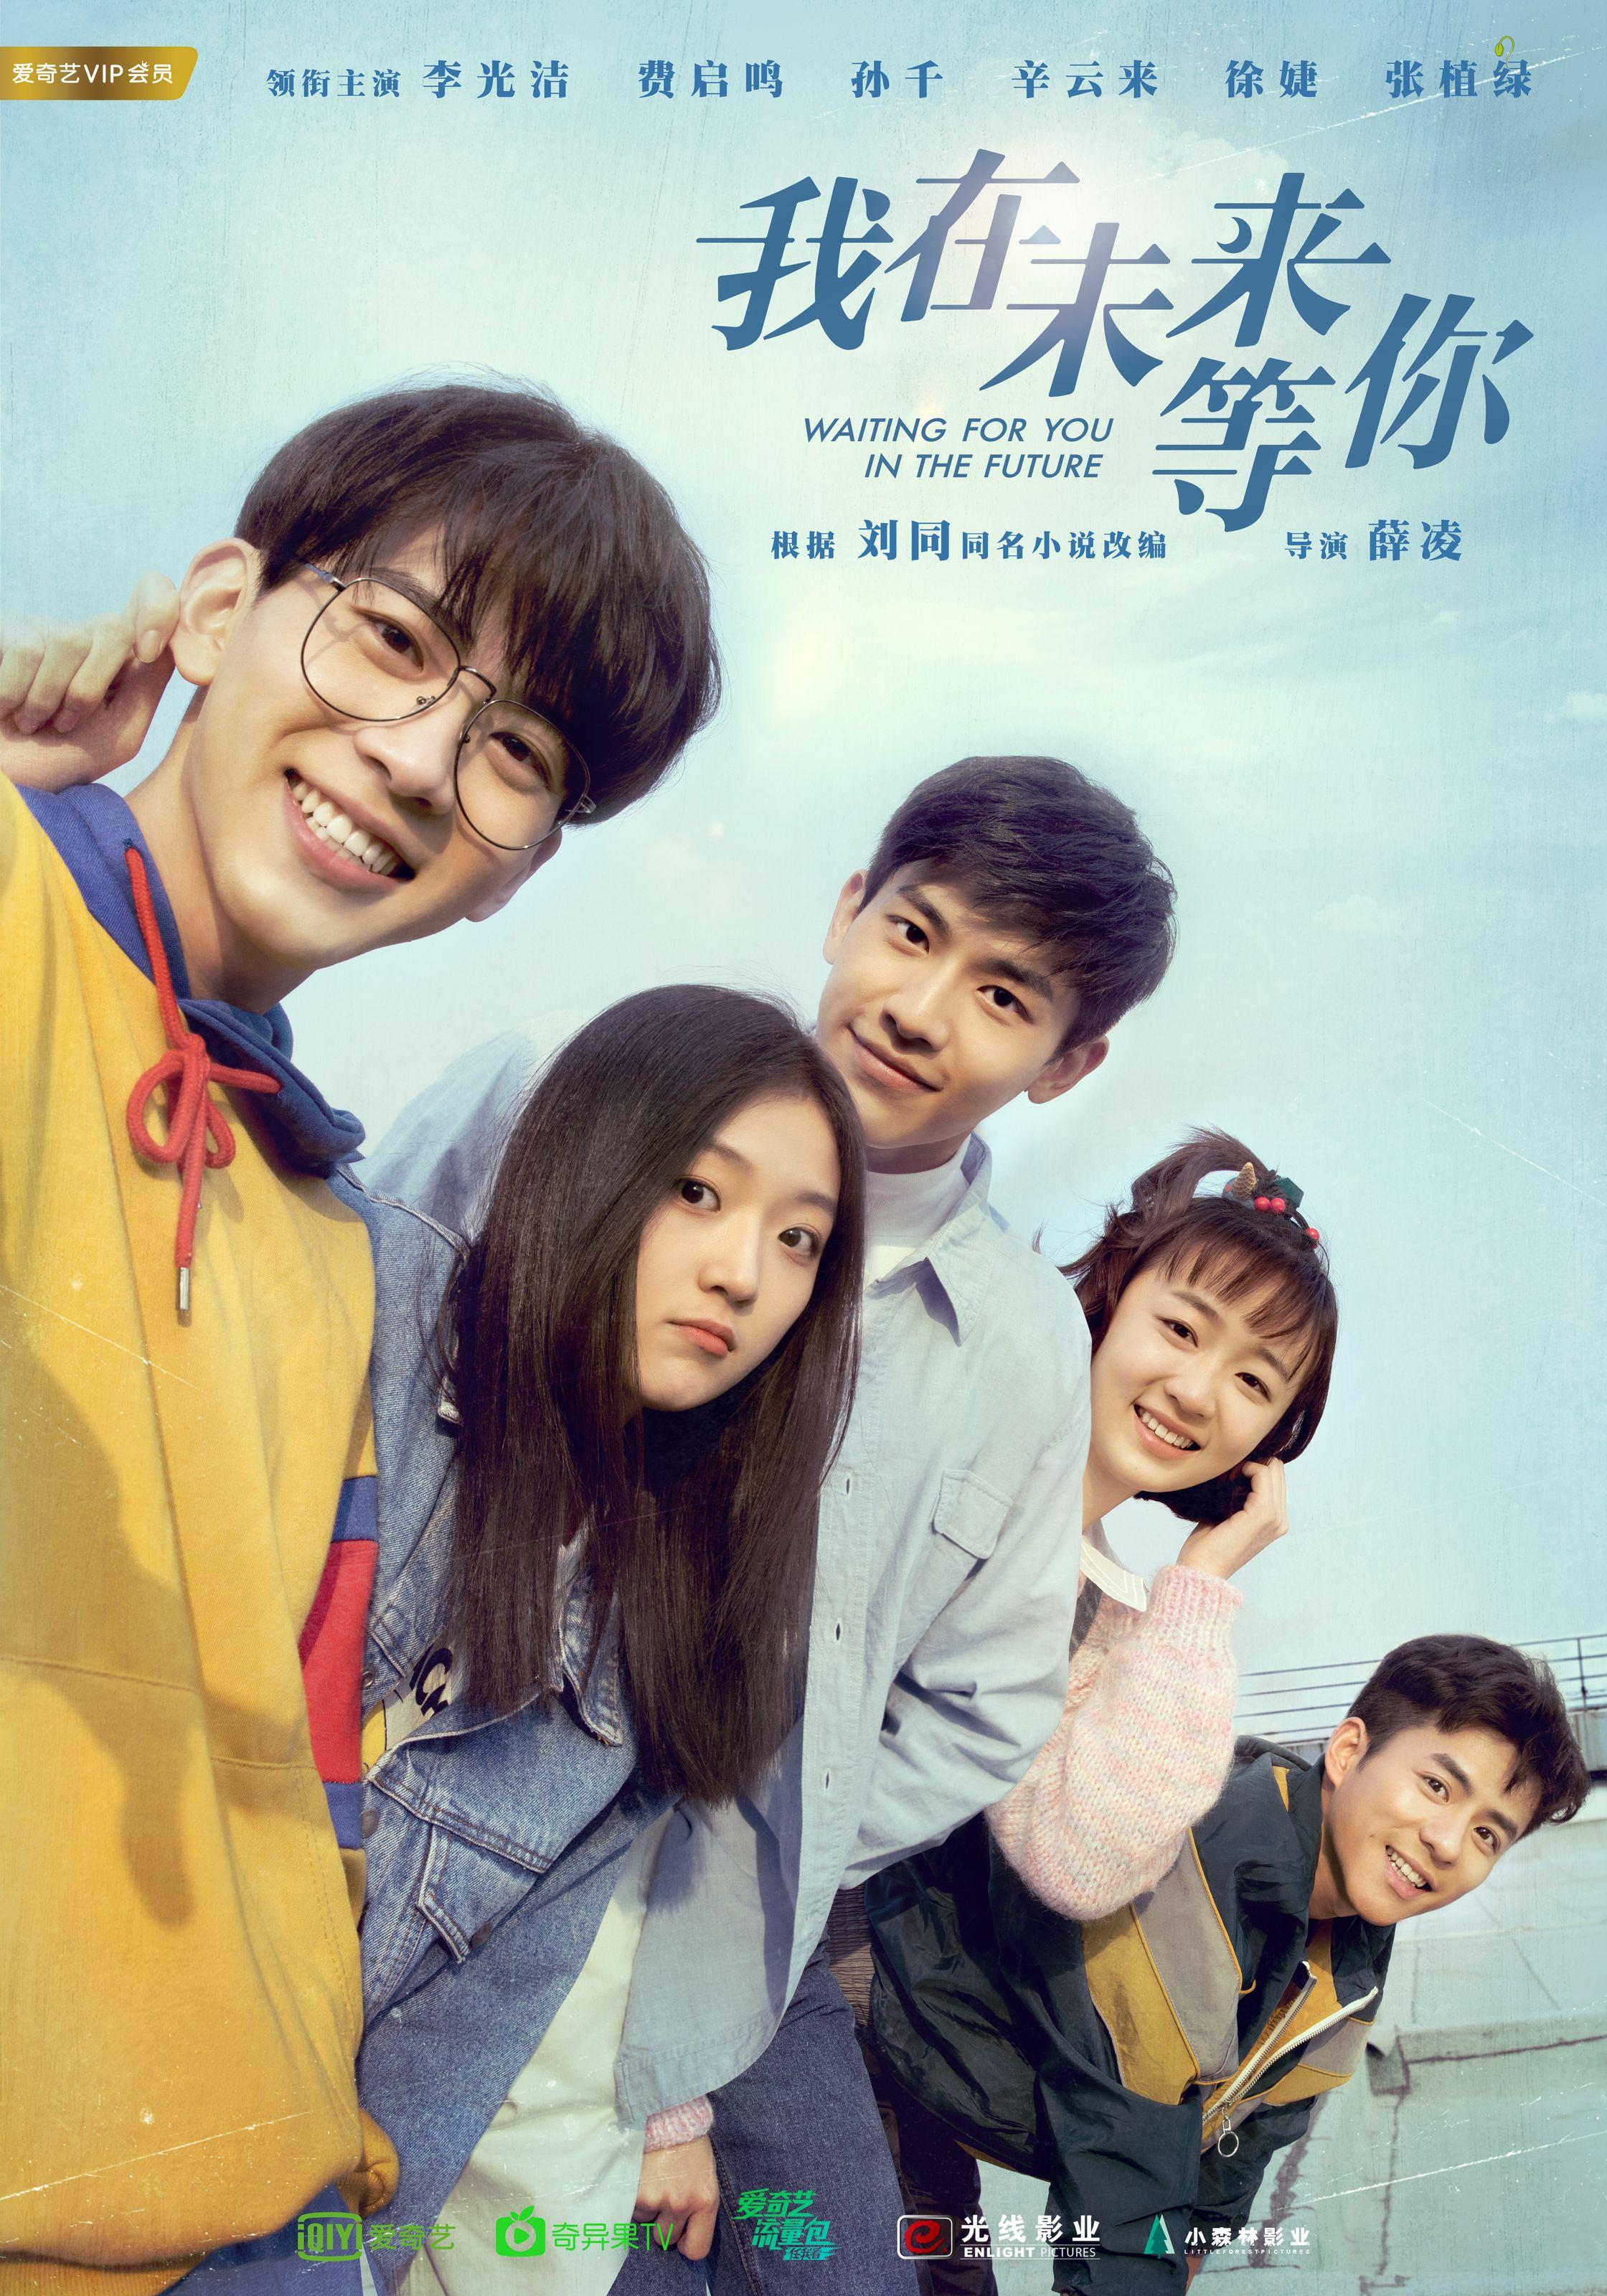 五位年轻演员的集体海报.jpeg